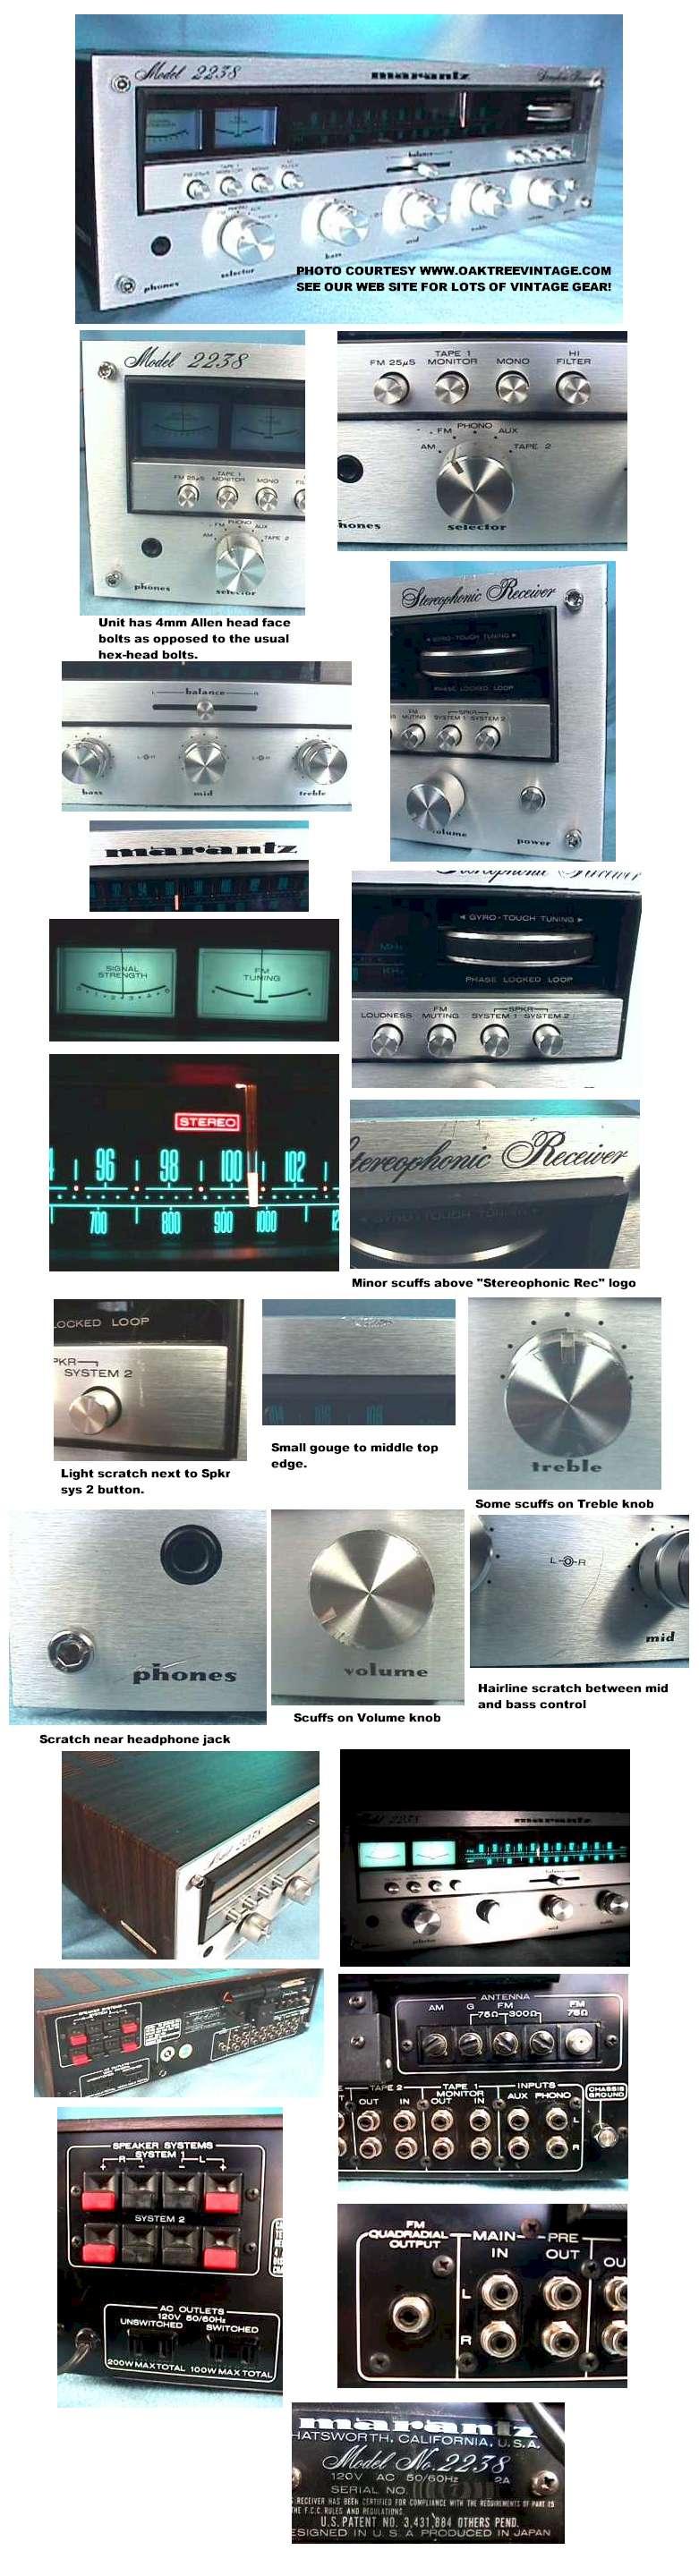 Marantz Vintage Stereo Parts Spares Circuit Board Buy Receiver Boardfm 2238 Bm Web 41835 Bytes Collage 267790